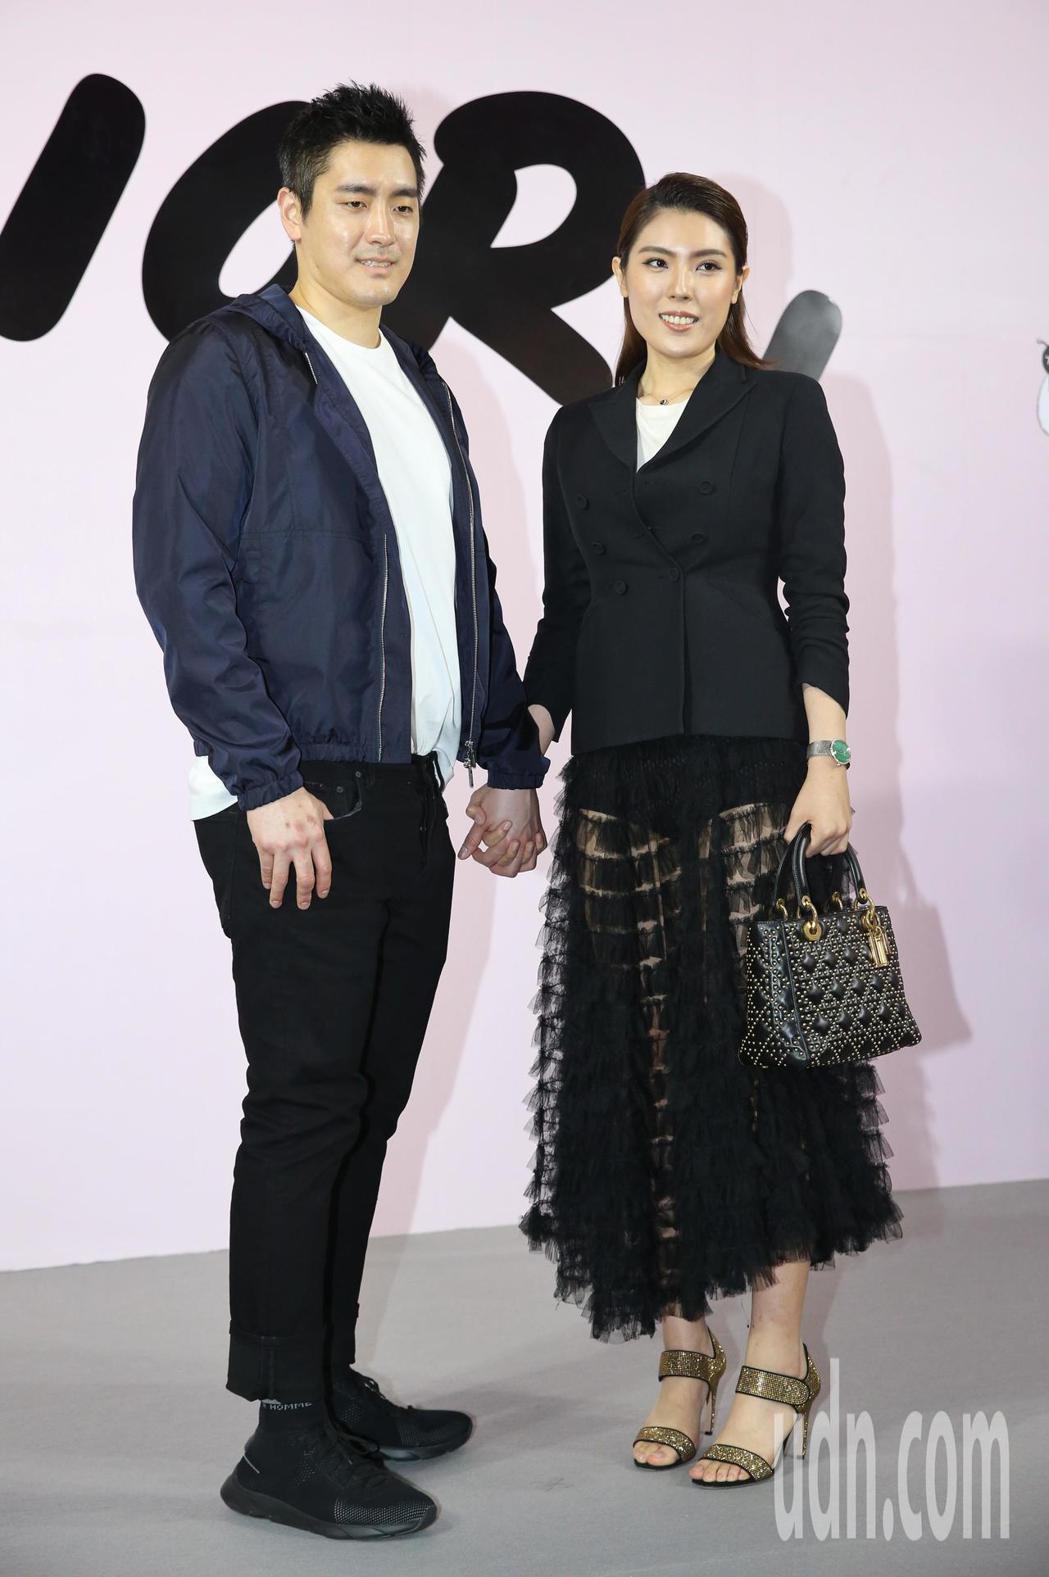 理科先生(左)、理科太太(右)出席品牌開幕派對。記者鄭清元/攝影